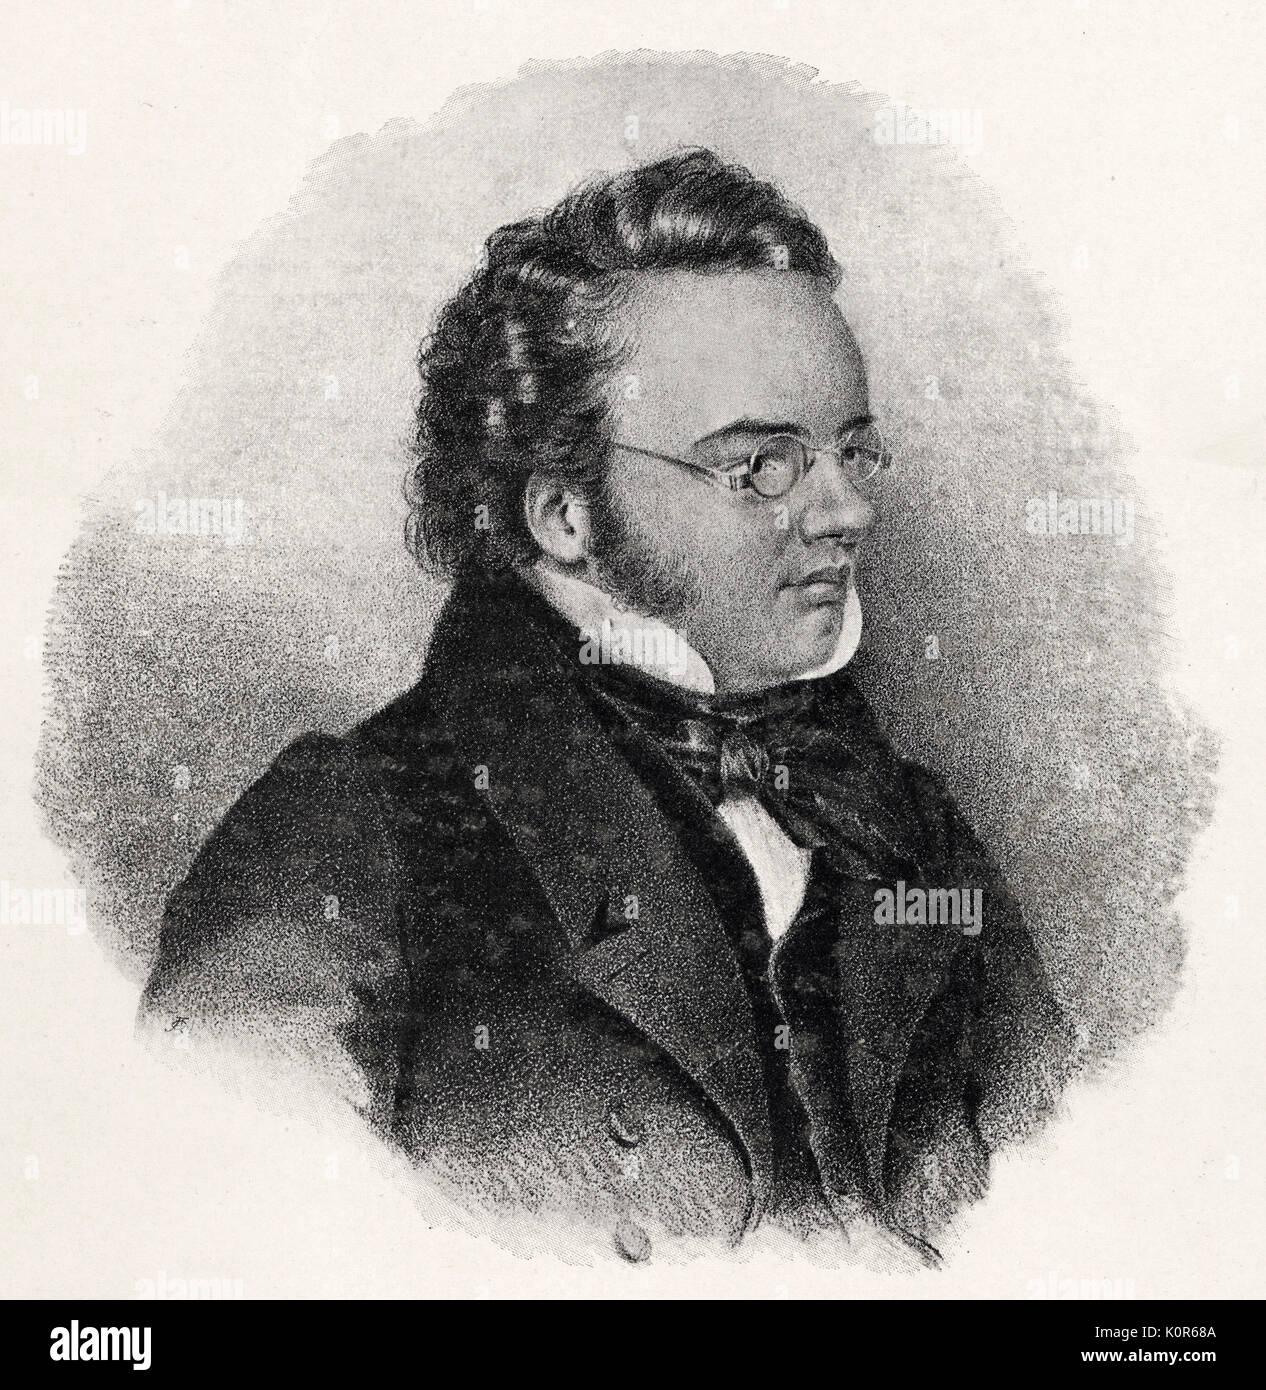 Franz Schubert - a Programatic Composer